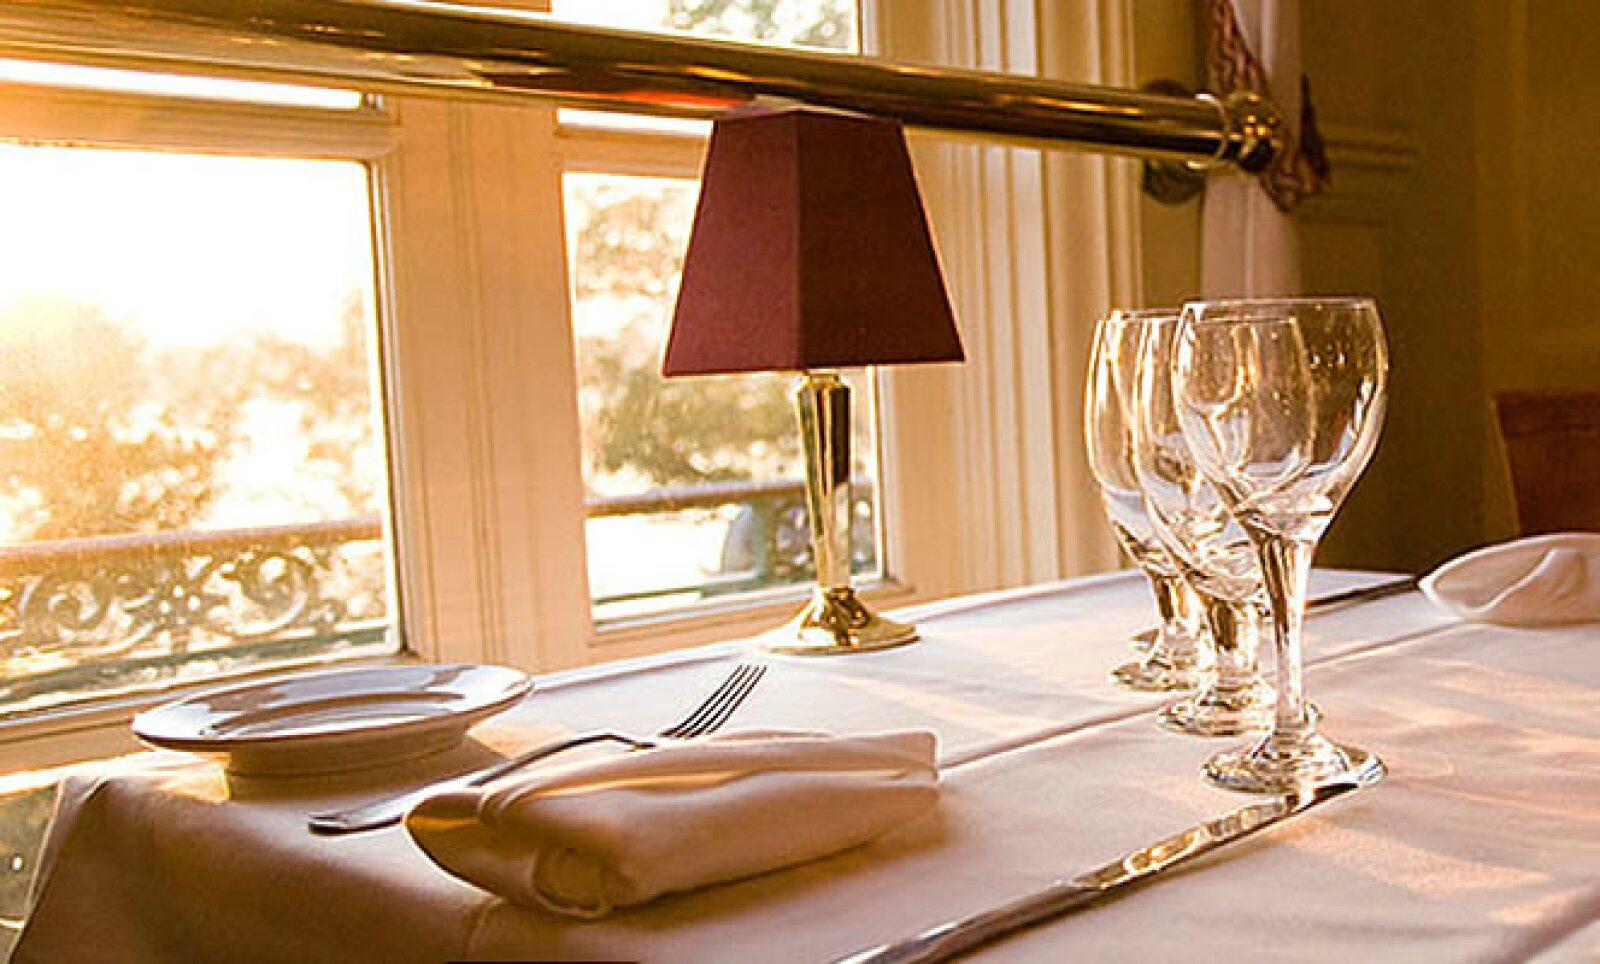 El restaurante está decorado con detalles de lujo y tienen su propia cava de vinos.